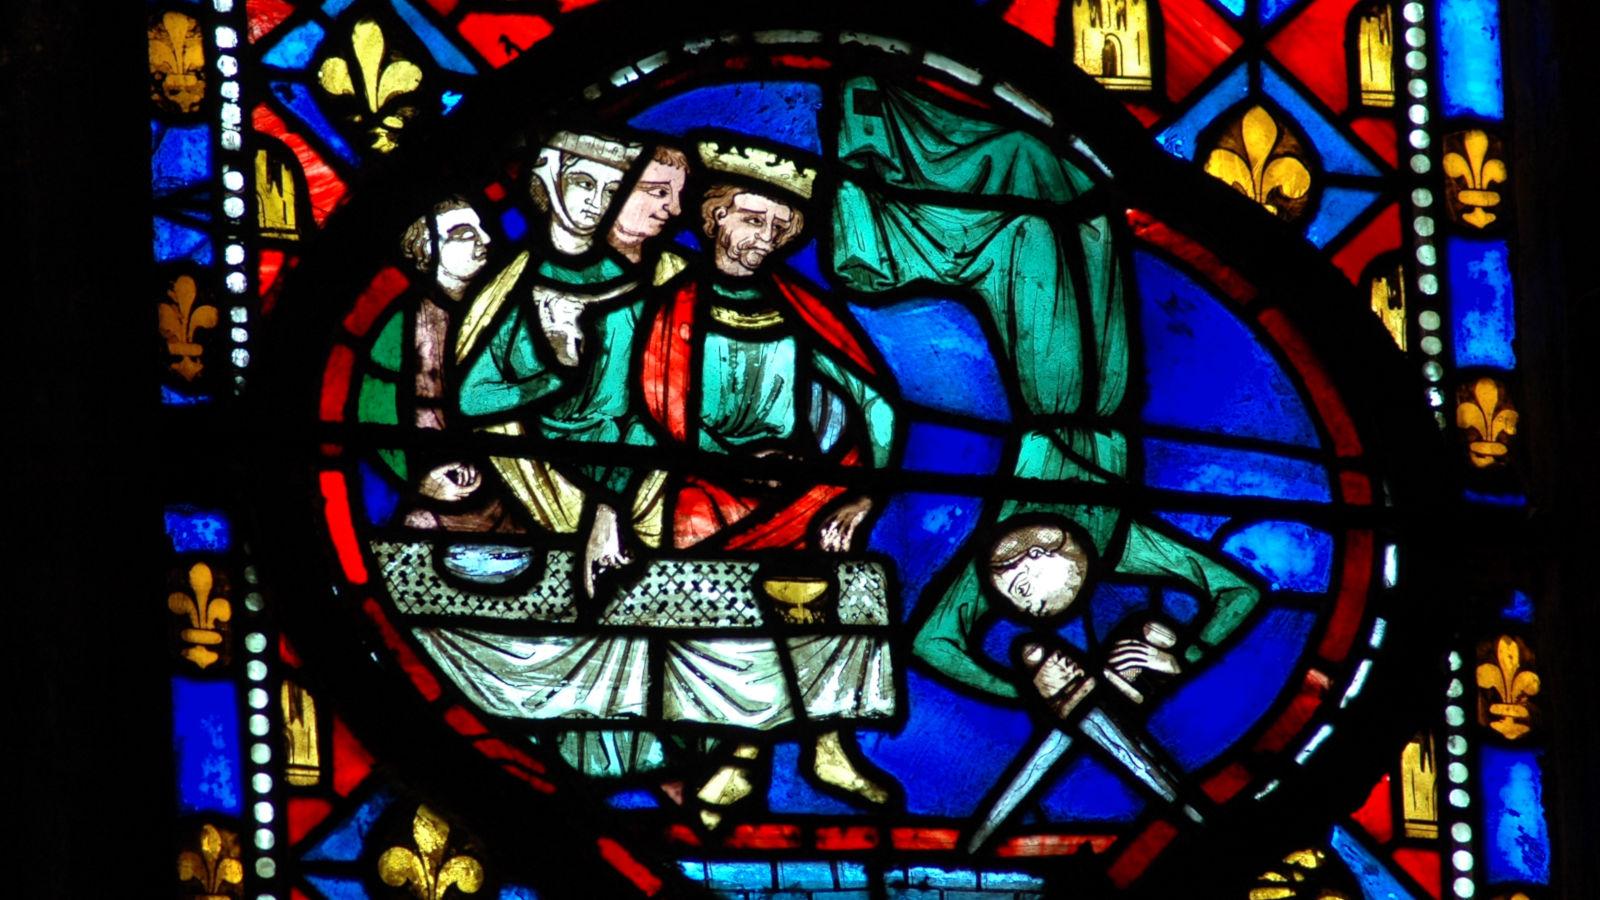 © La danse de Salomé, vitrail XIIIe siècle